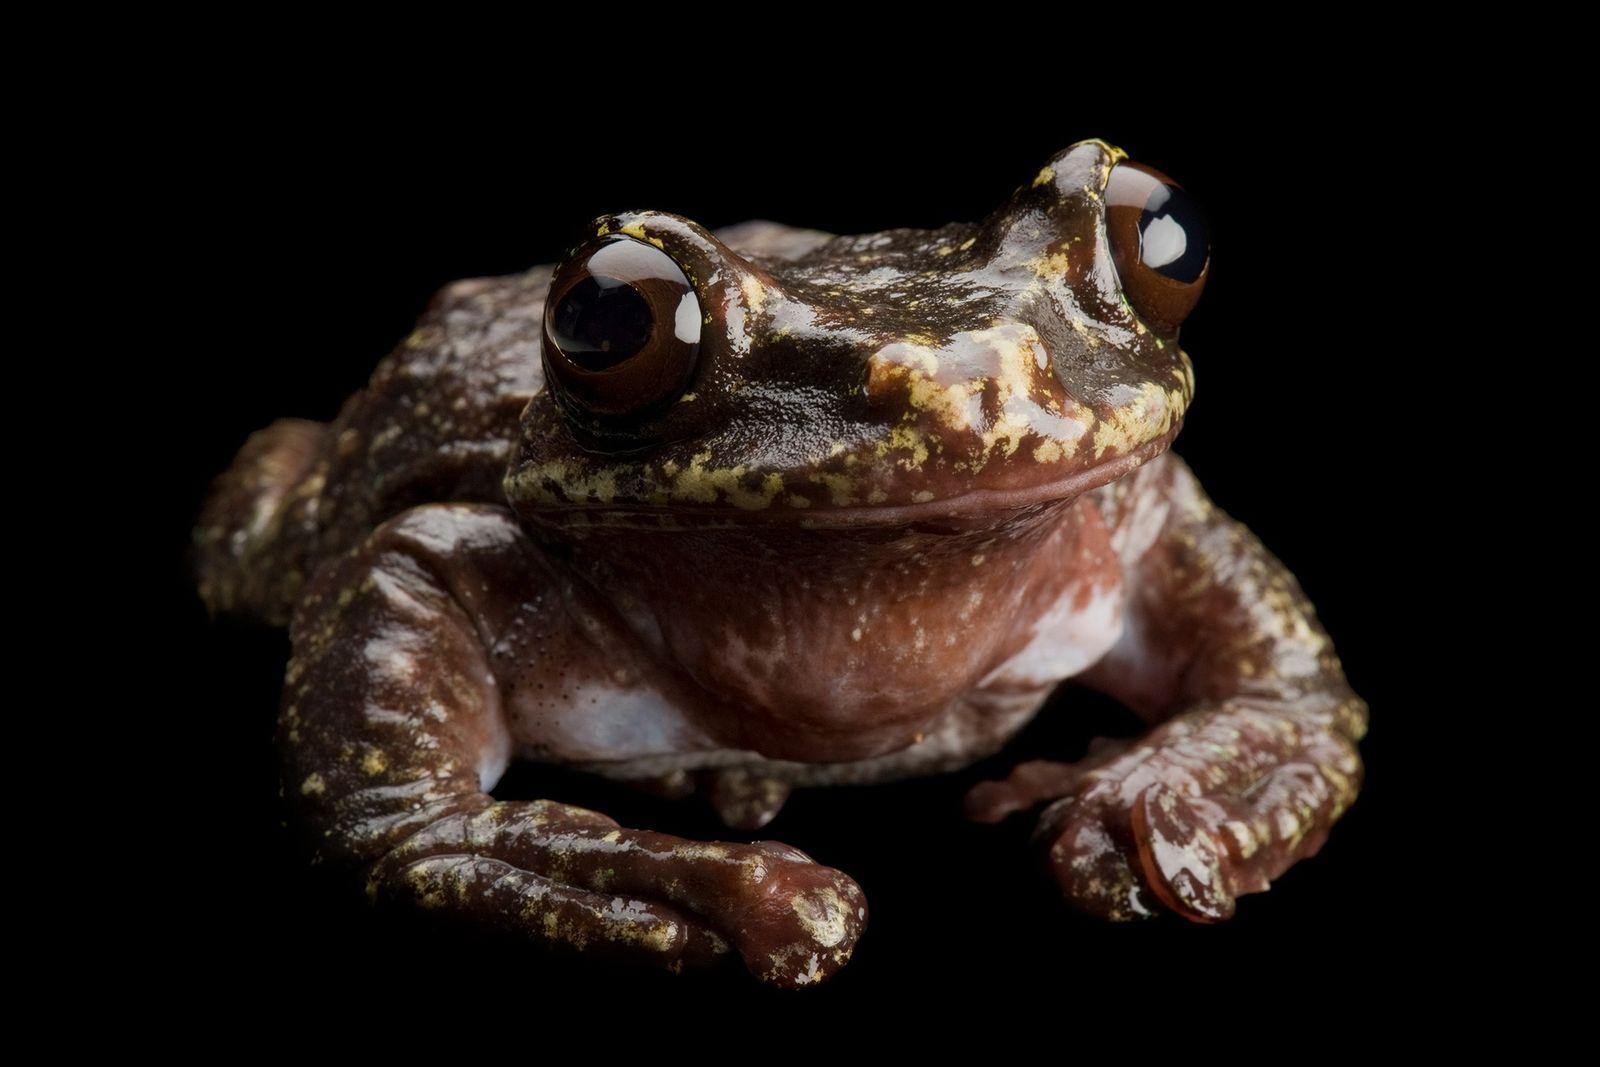 Ecnomiohyla rabborum